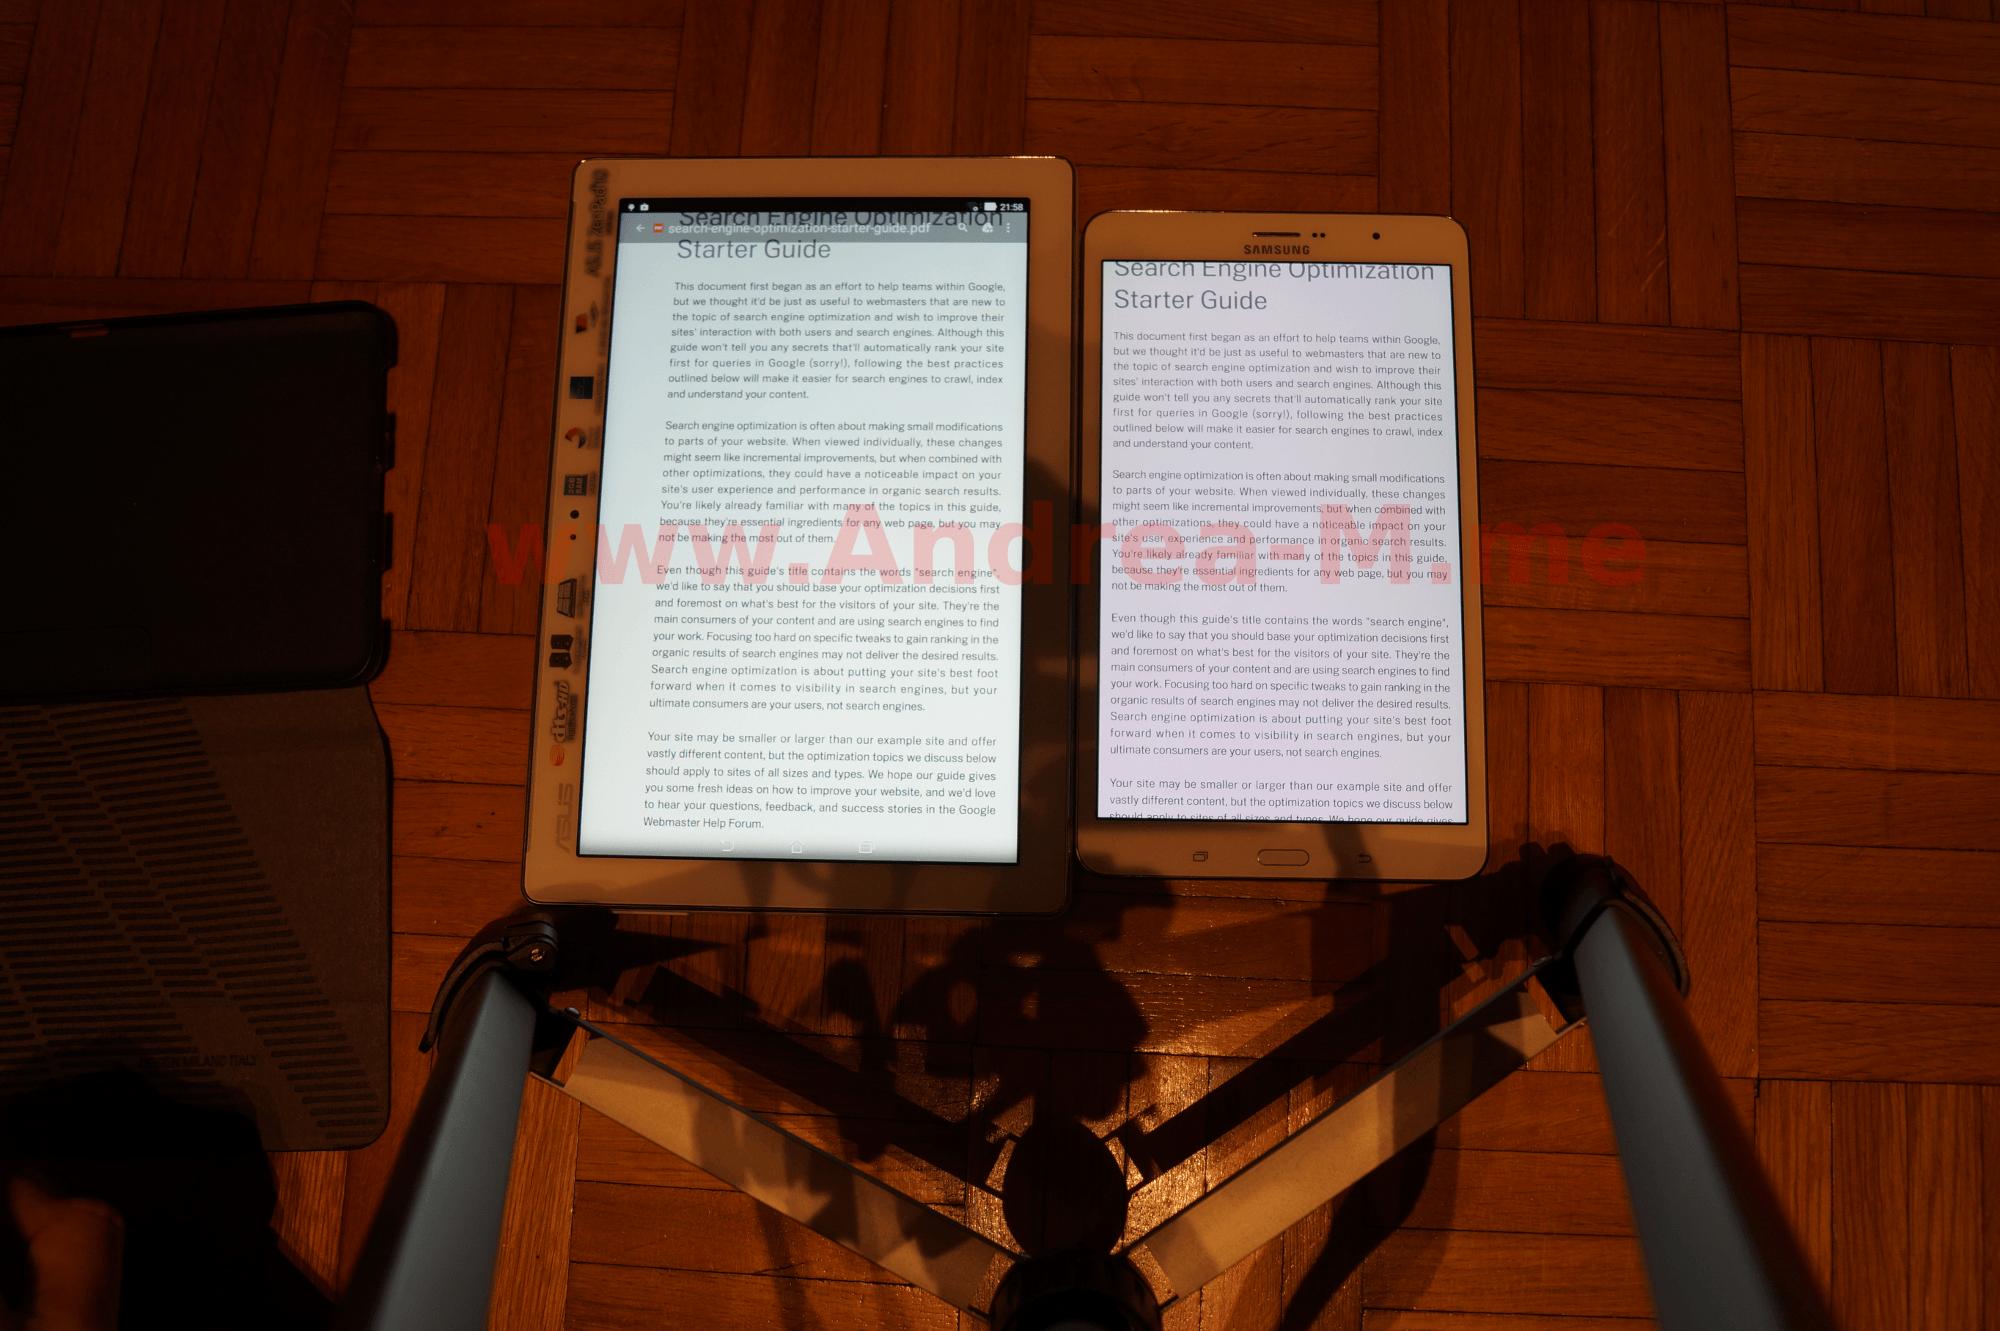 Tablet a Confronto Con Zoom